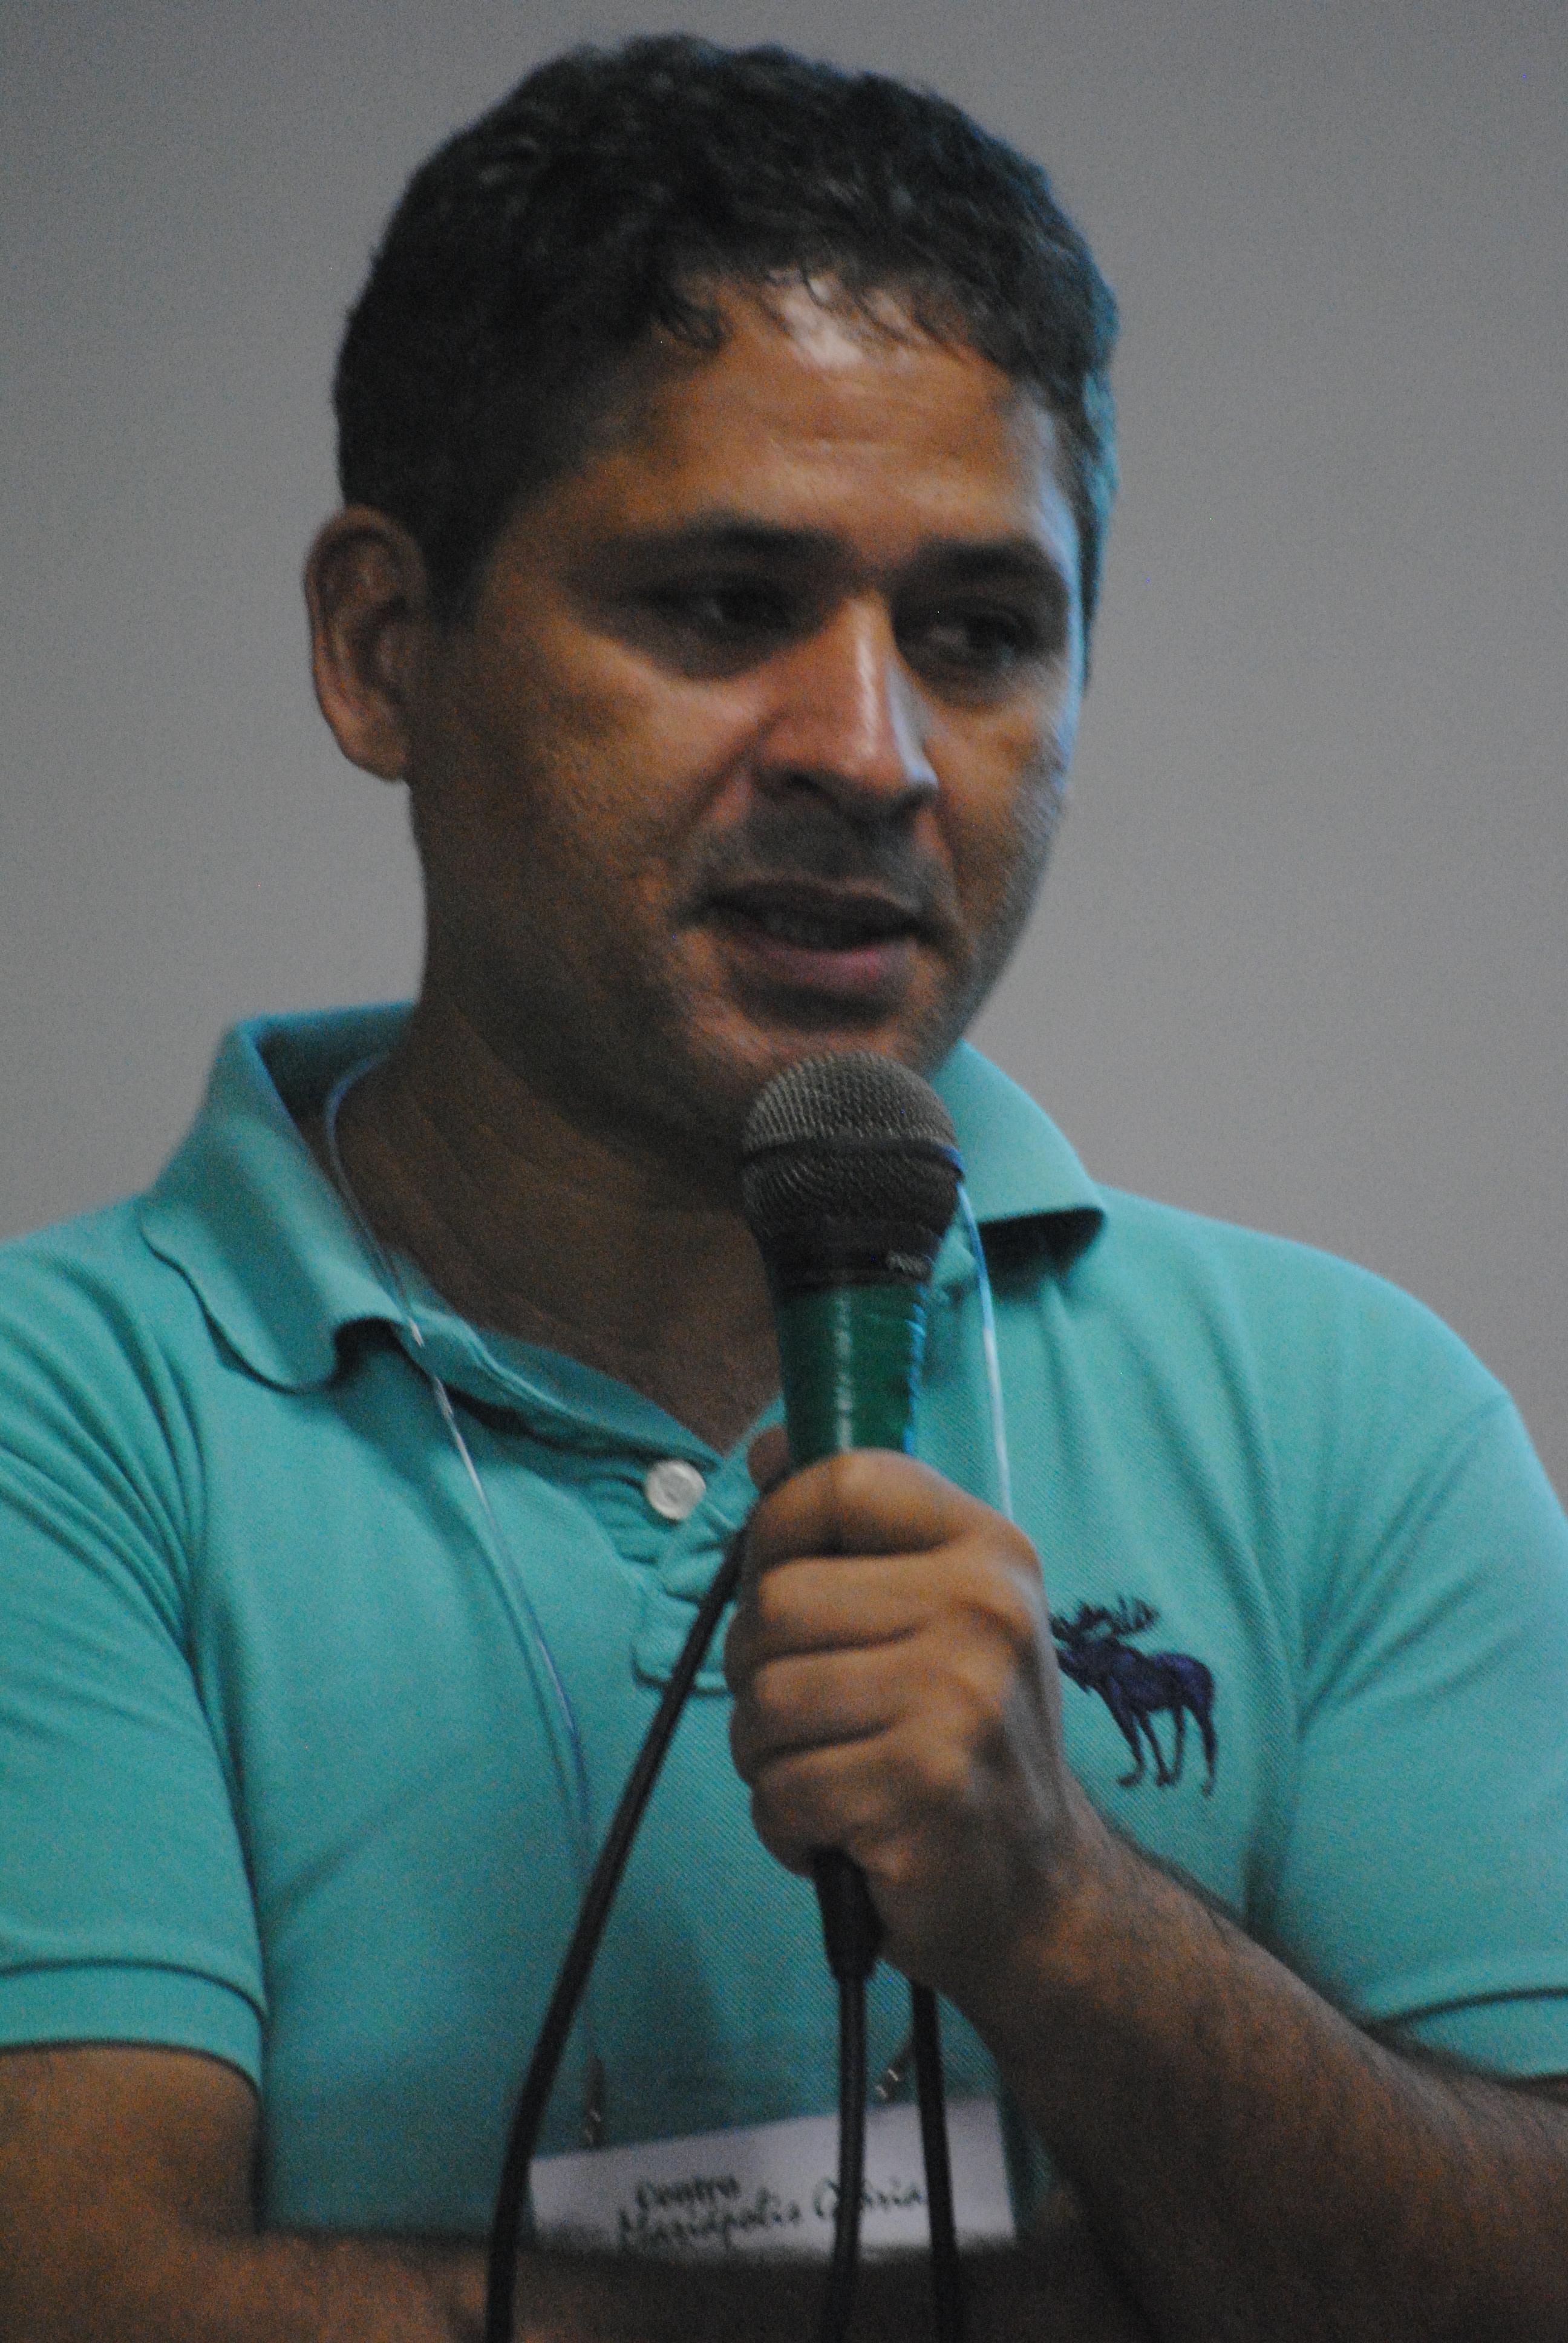 Vivendo a fraternidade na política em Guaramiranga (CE)